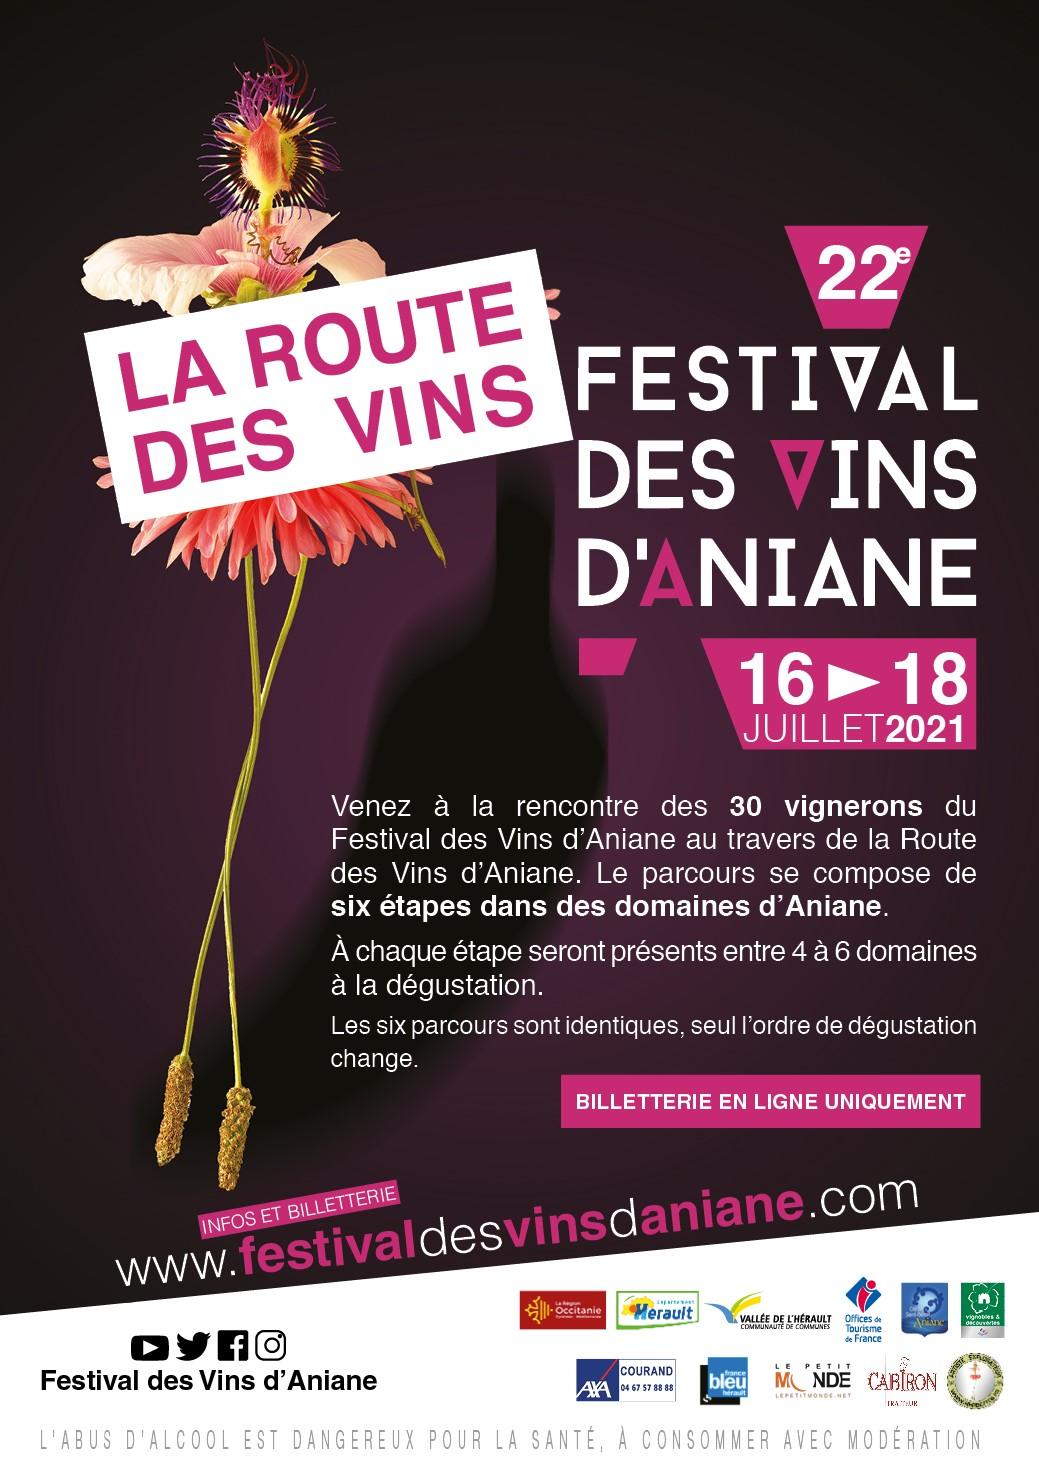 Festival des vins d'Aniane le 16, 17, 18 juillet 2021 : Je serai présente au CHATEAU CAPION... 6